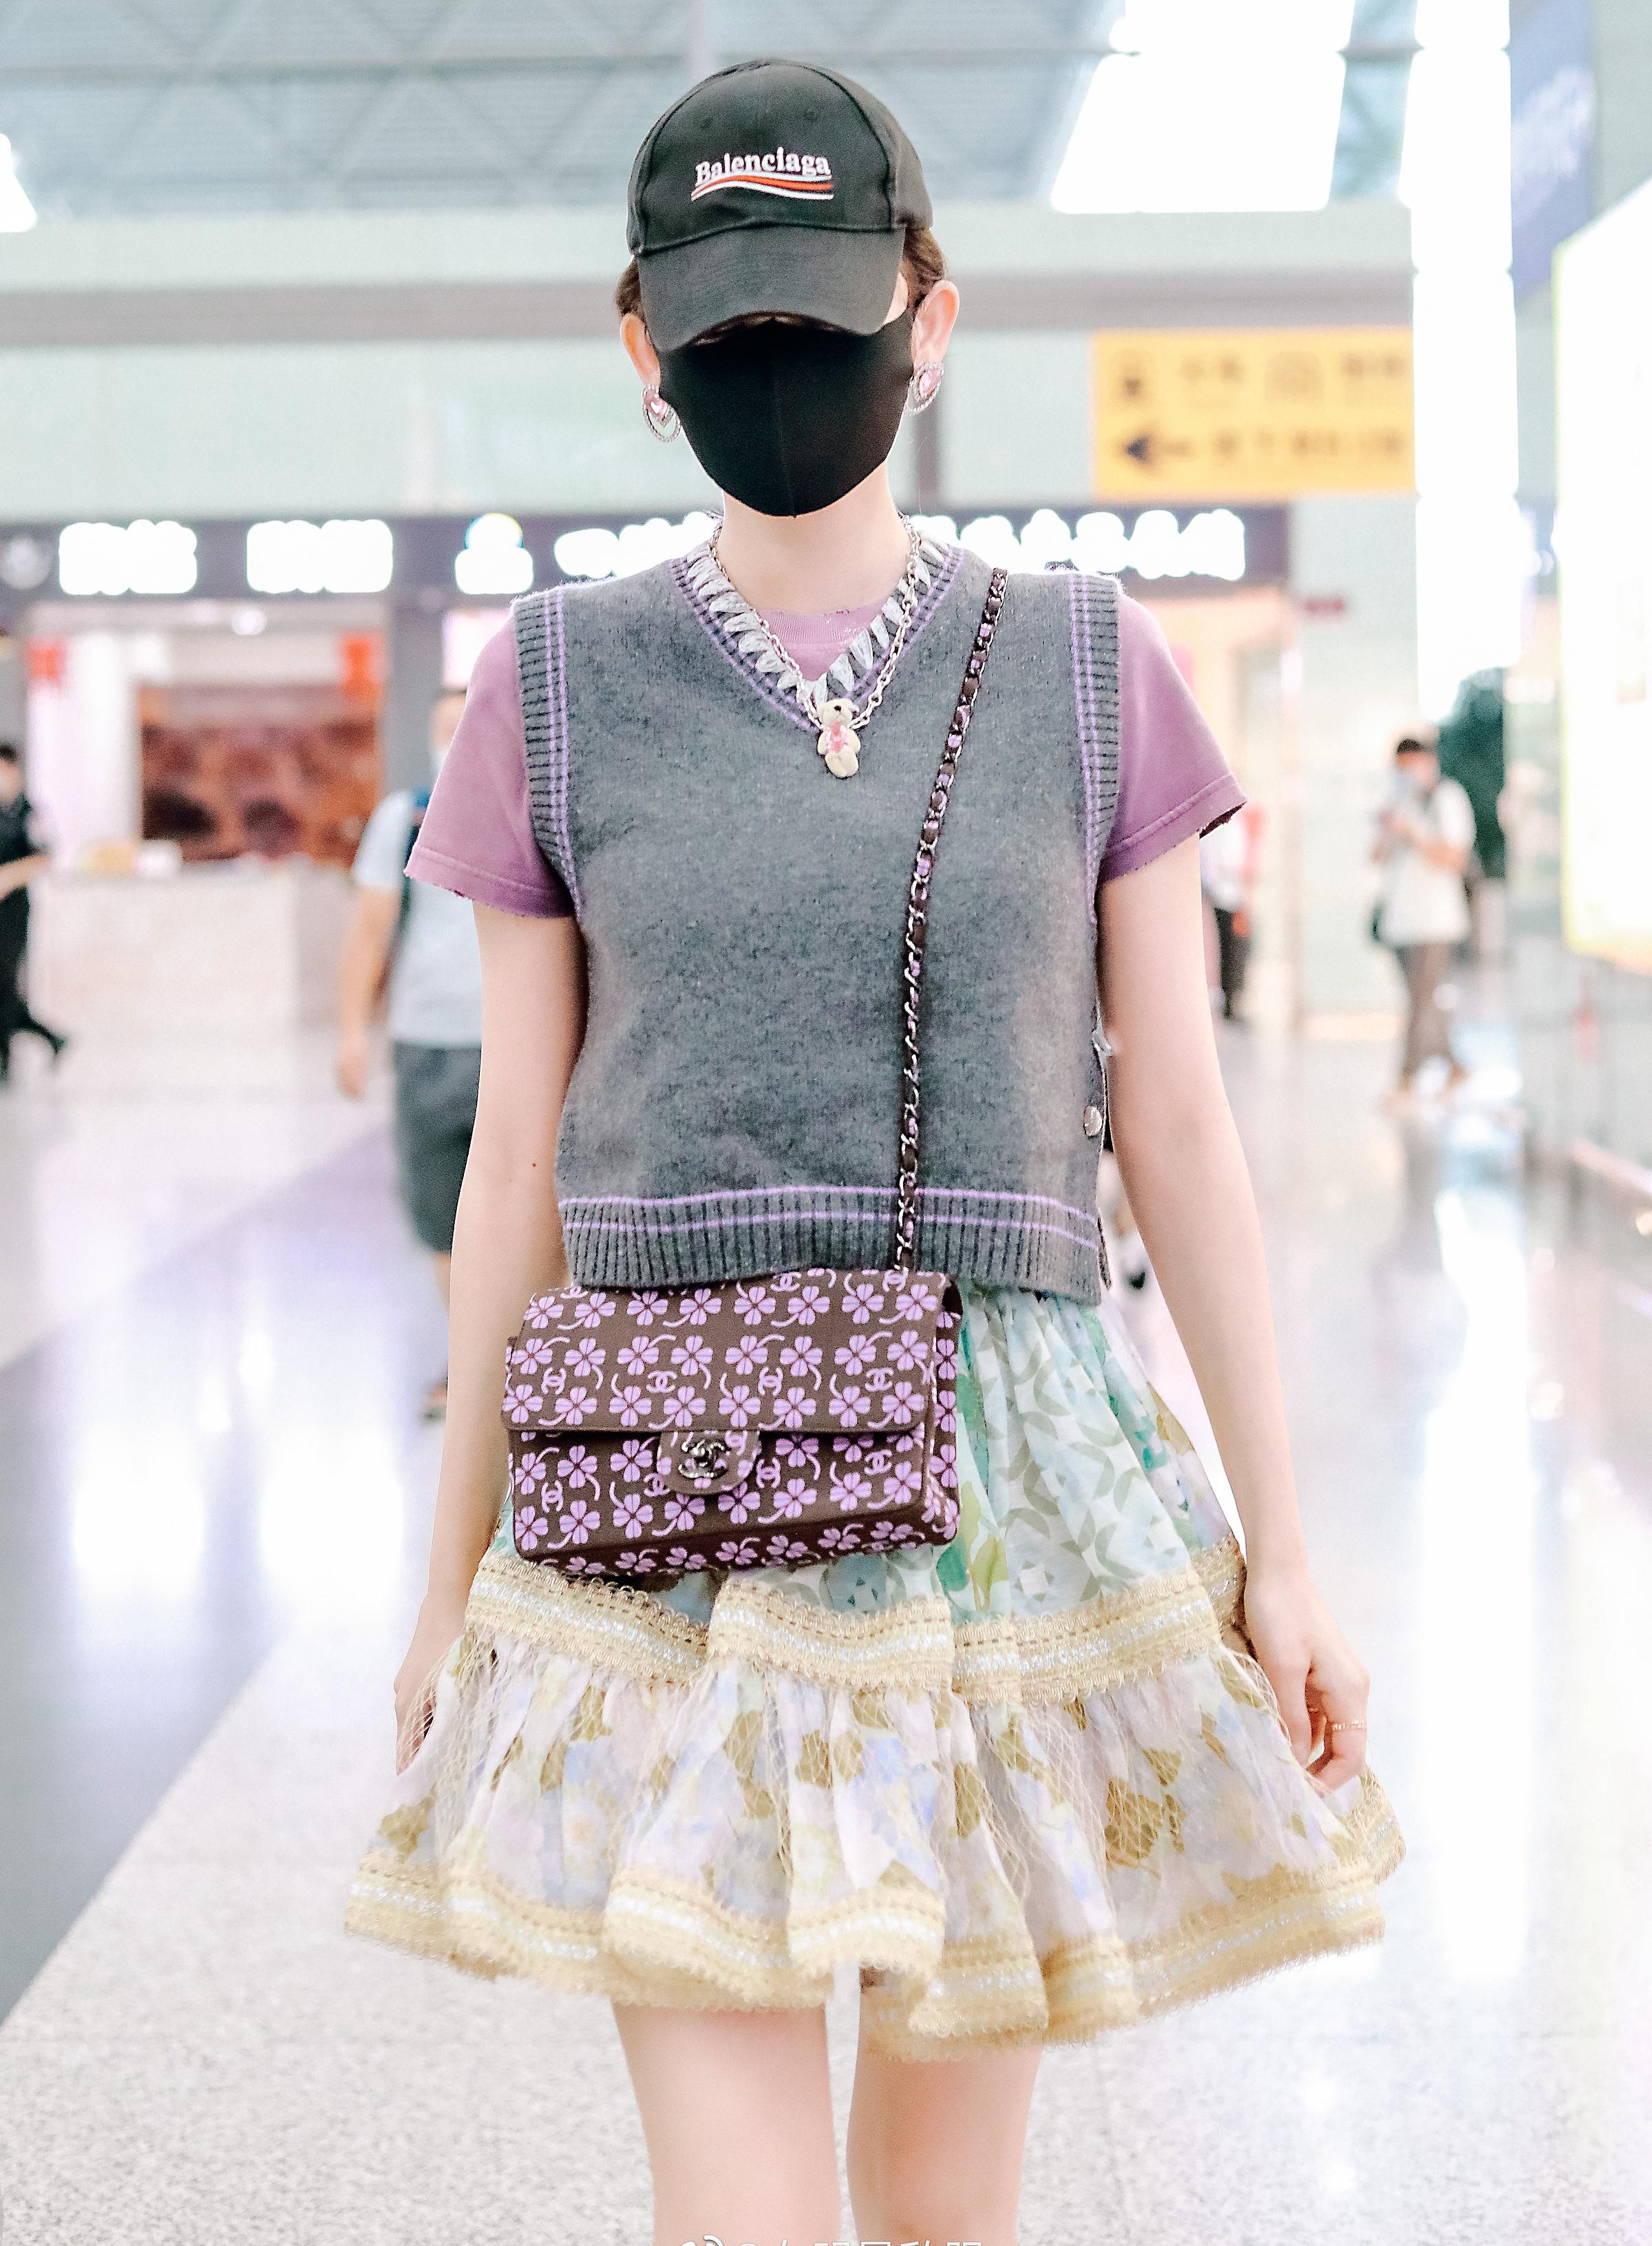 Cách đây ít ngày, nữ diễn viên cũng chọn một set đồ cồng kềnh không kém để ra sân bay. Chân váy đáp ren bồng bềnh phối áo gilet len ông nội, túi Chanel hoa tím bị chê sến sẩm. Người đẹp còn thích đắp thêm các phụ kiện khuyên tai trái tim, vòng cổ gấu càng gây rối mắt.